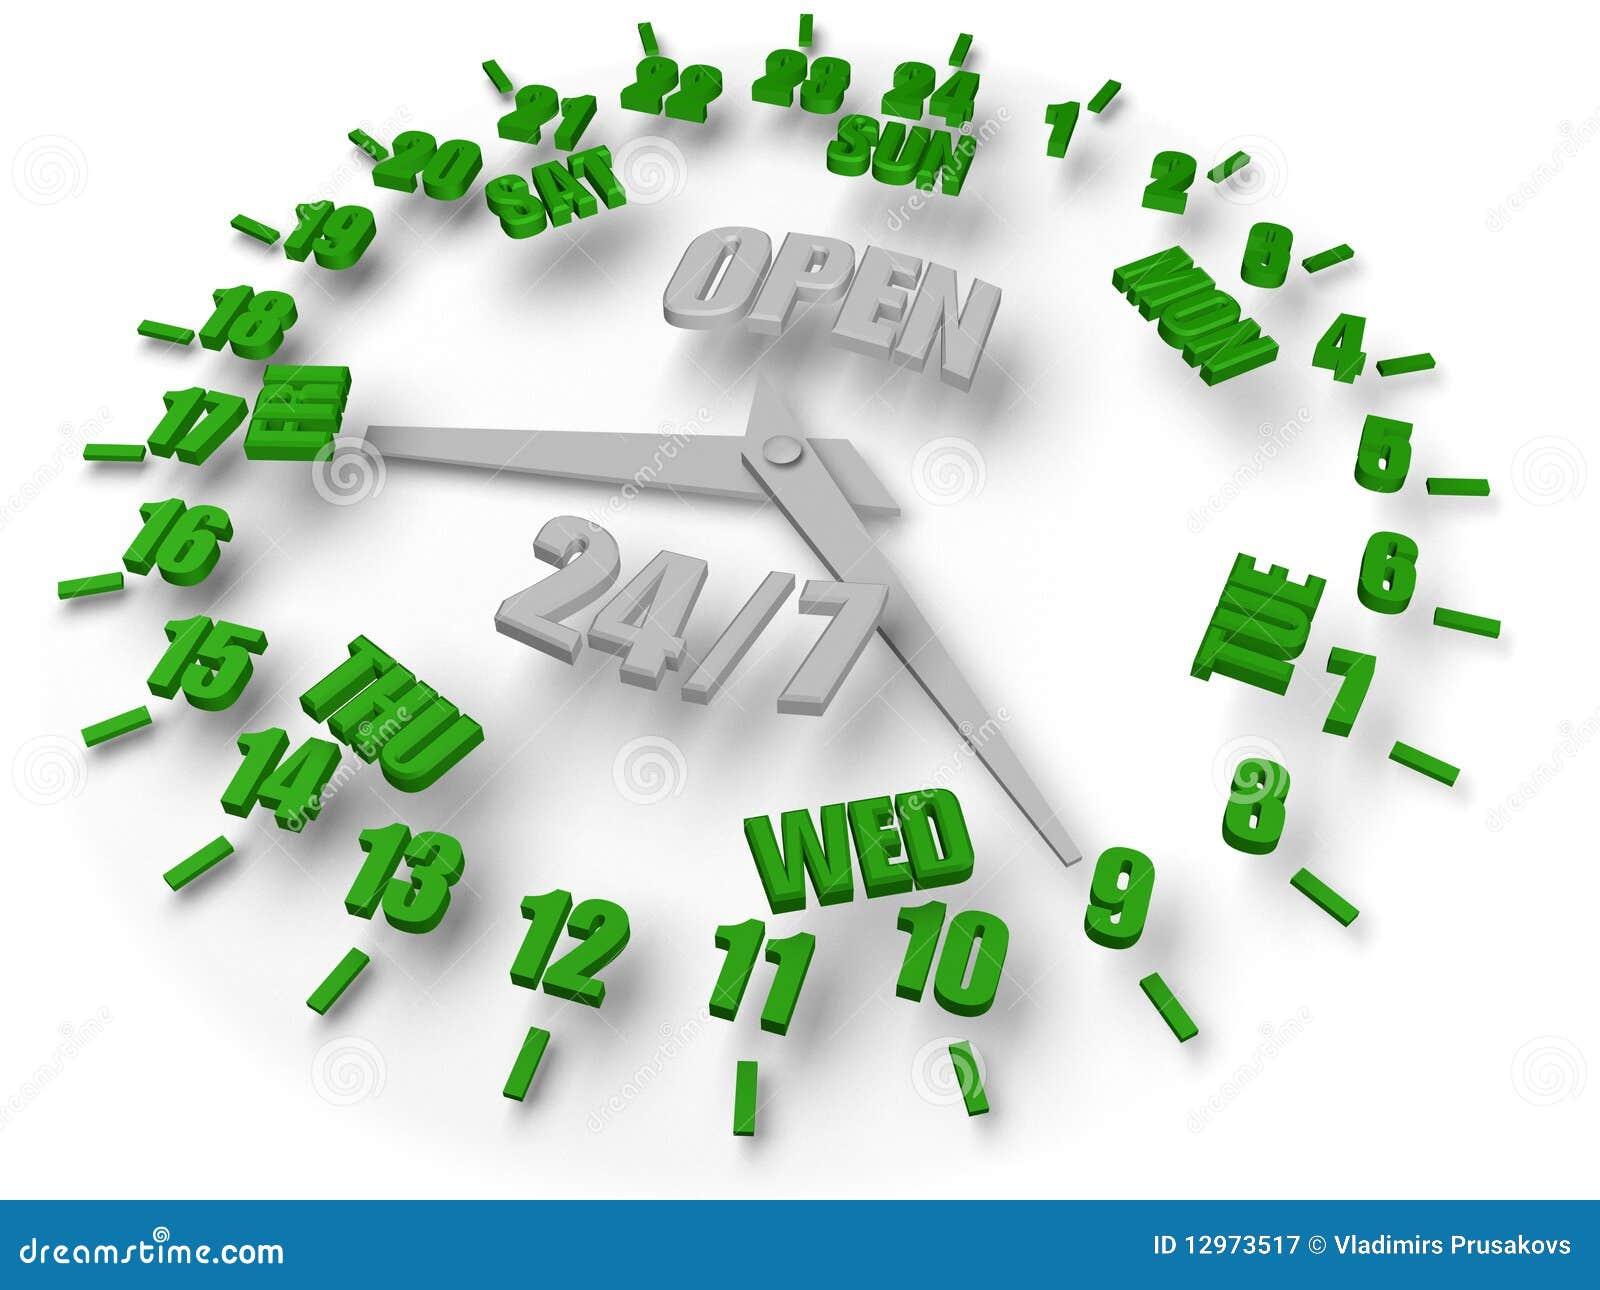 De klok van de week. Open 24/7